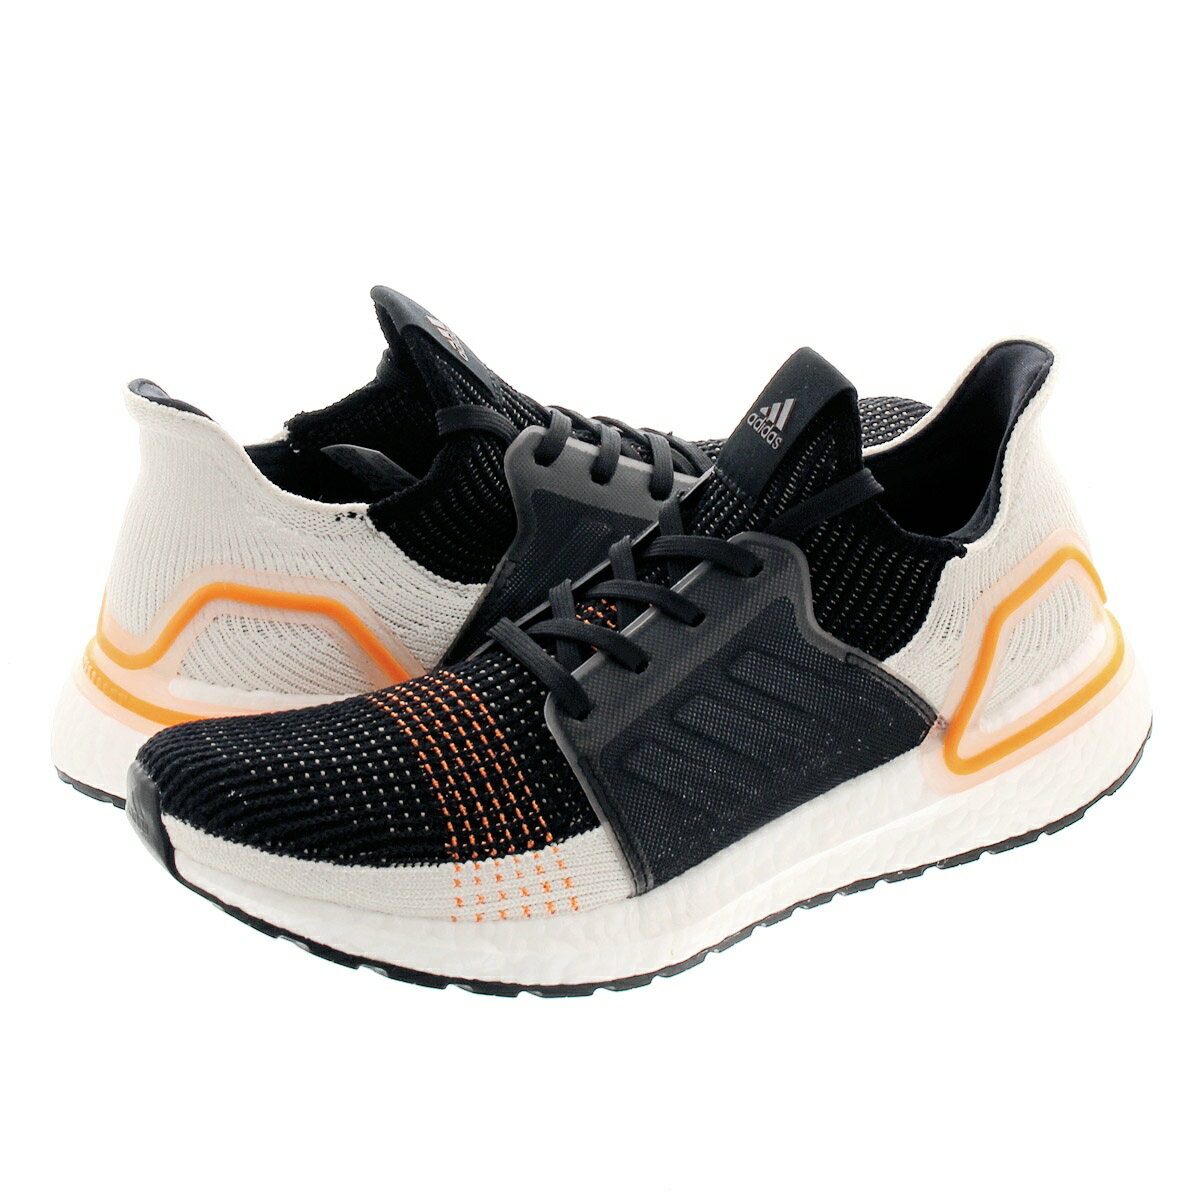 【お買い物マラソンSALE】 adidas ULTRA BOOST 19 アディダス ウルトラ ブースト 19 TRASE CARGORAW WHITESOLAR RED g27514|SELECT SHOP LOWTEX